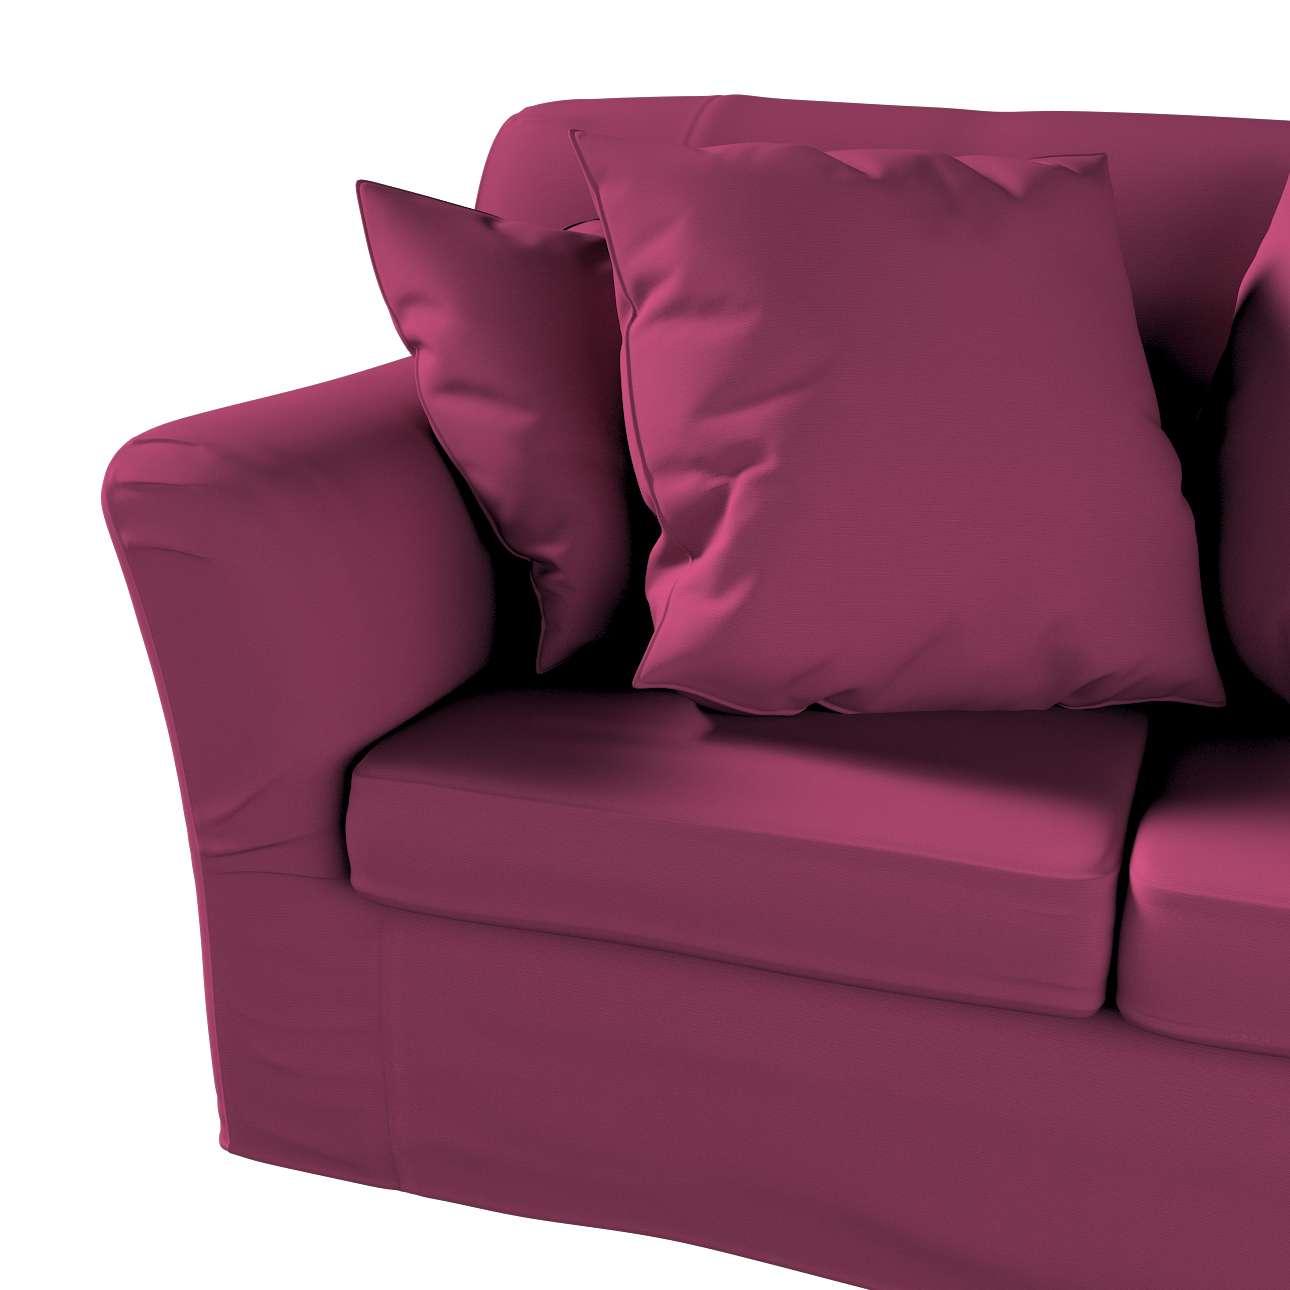 Pokrowiec na sofę Tomelilla 2-osobową nierozkładaną w kolekcji Cotton Panama, tkanina: 702-32